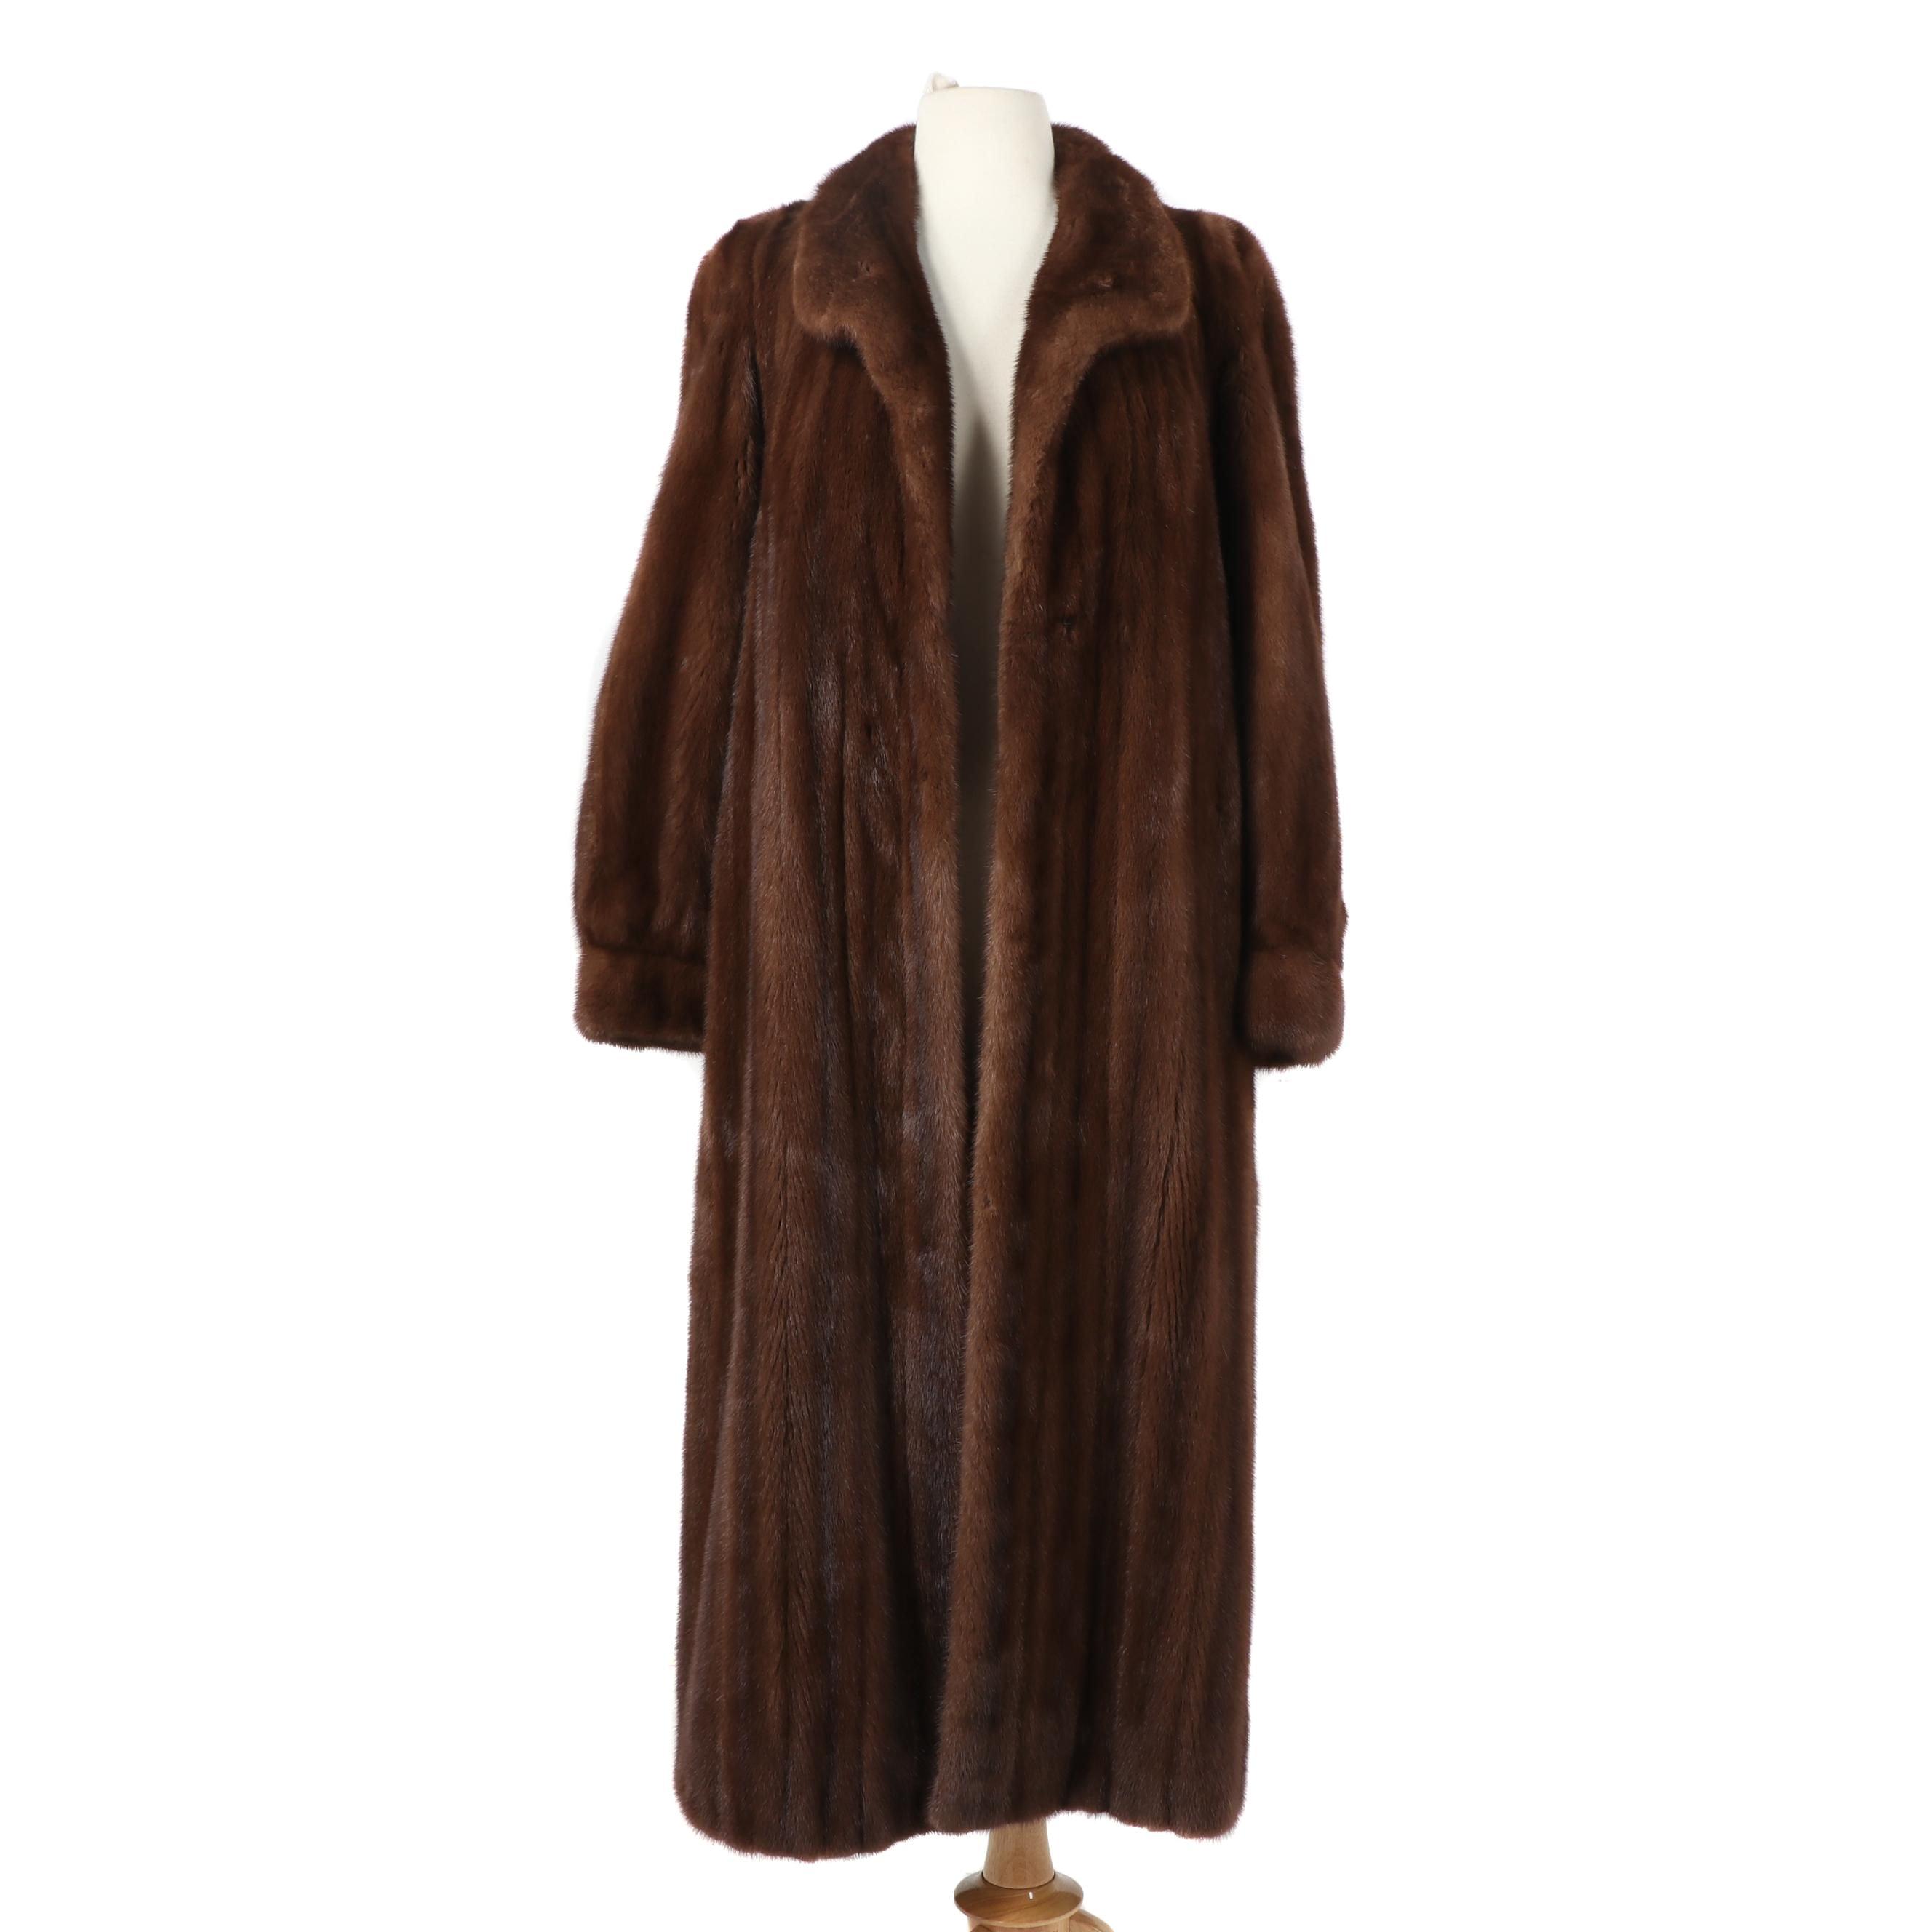 Mahogany Mink Fur Coat from Bifano's of Dallas